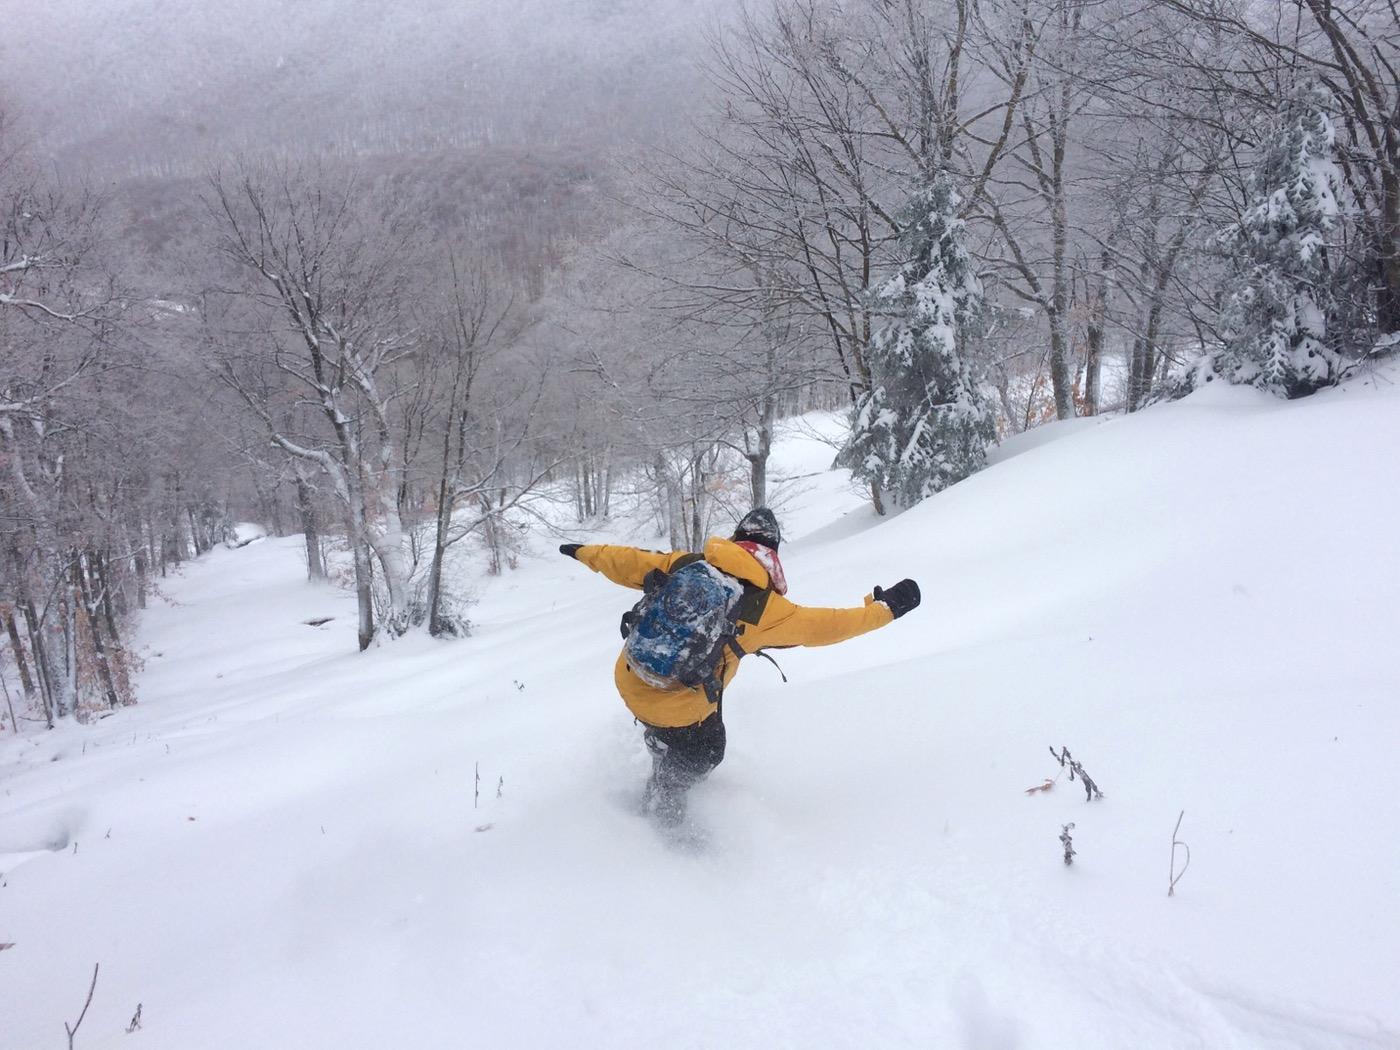 sutton-snowboarder